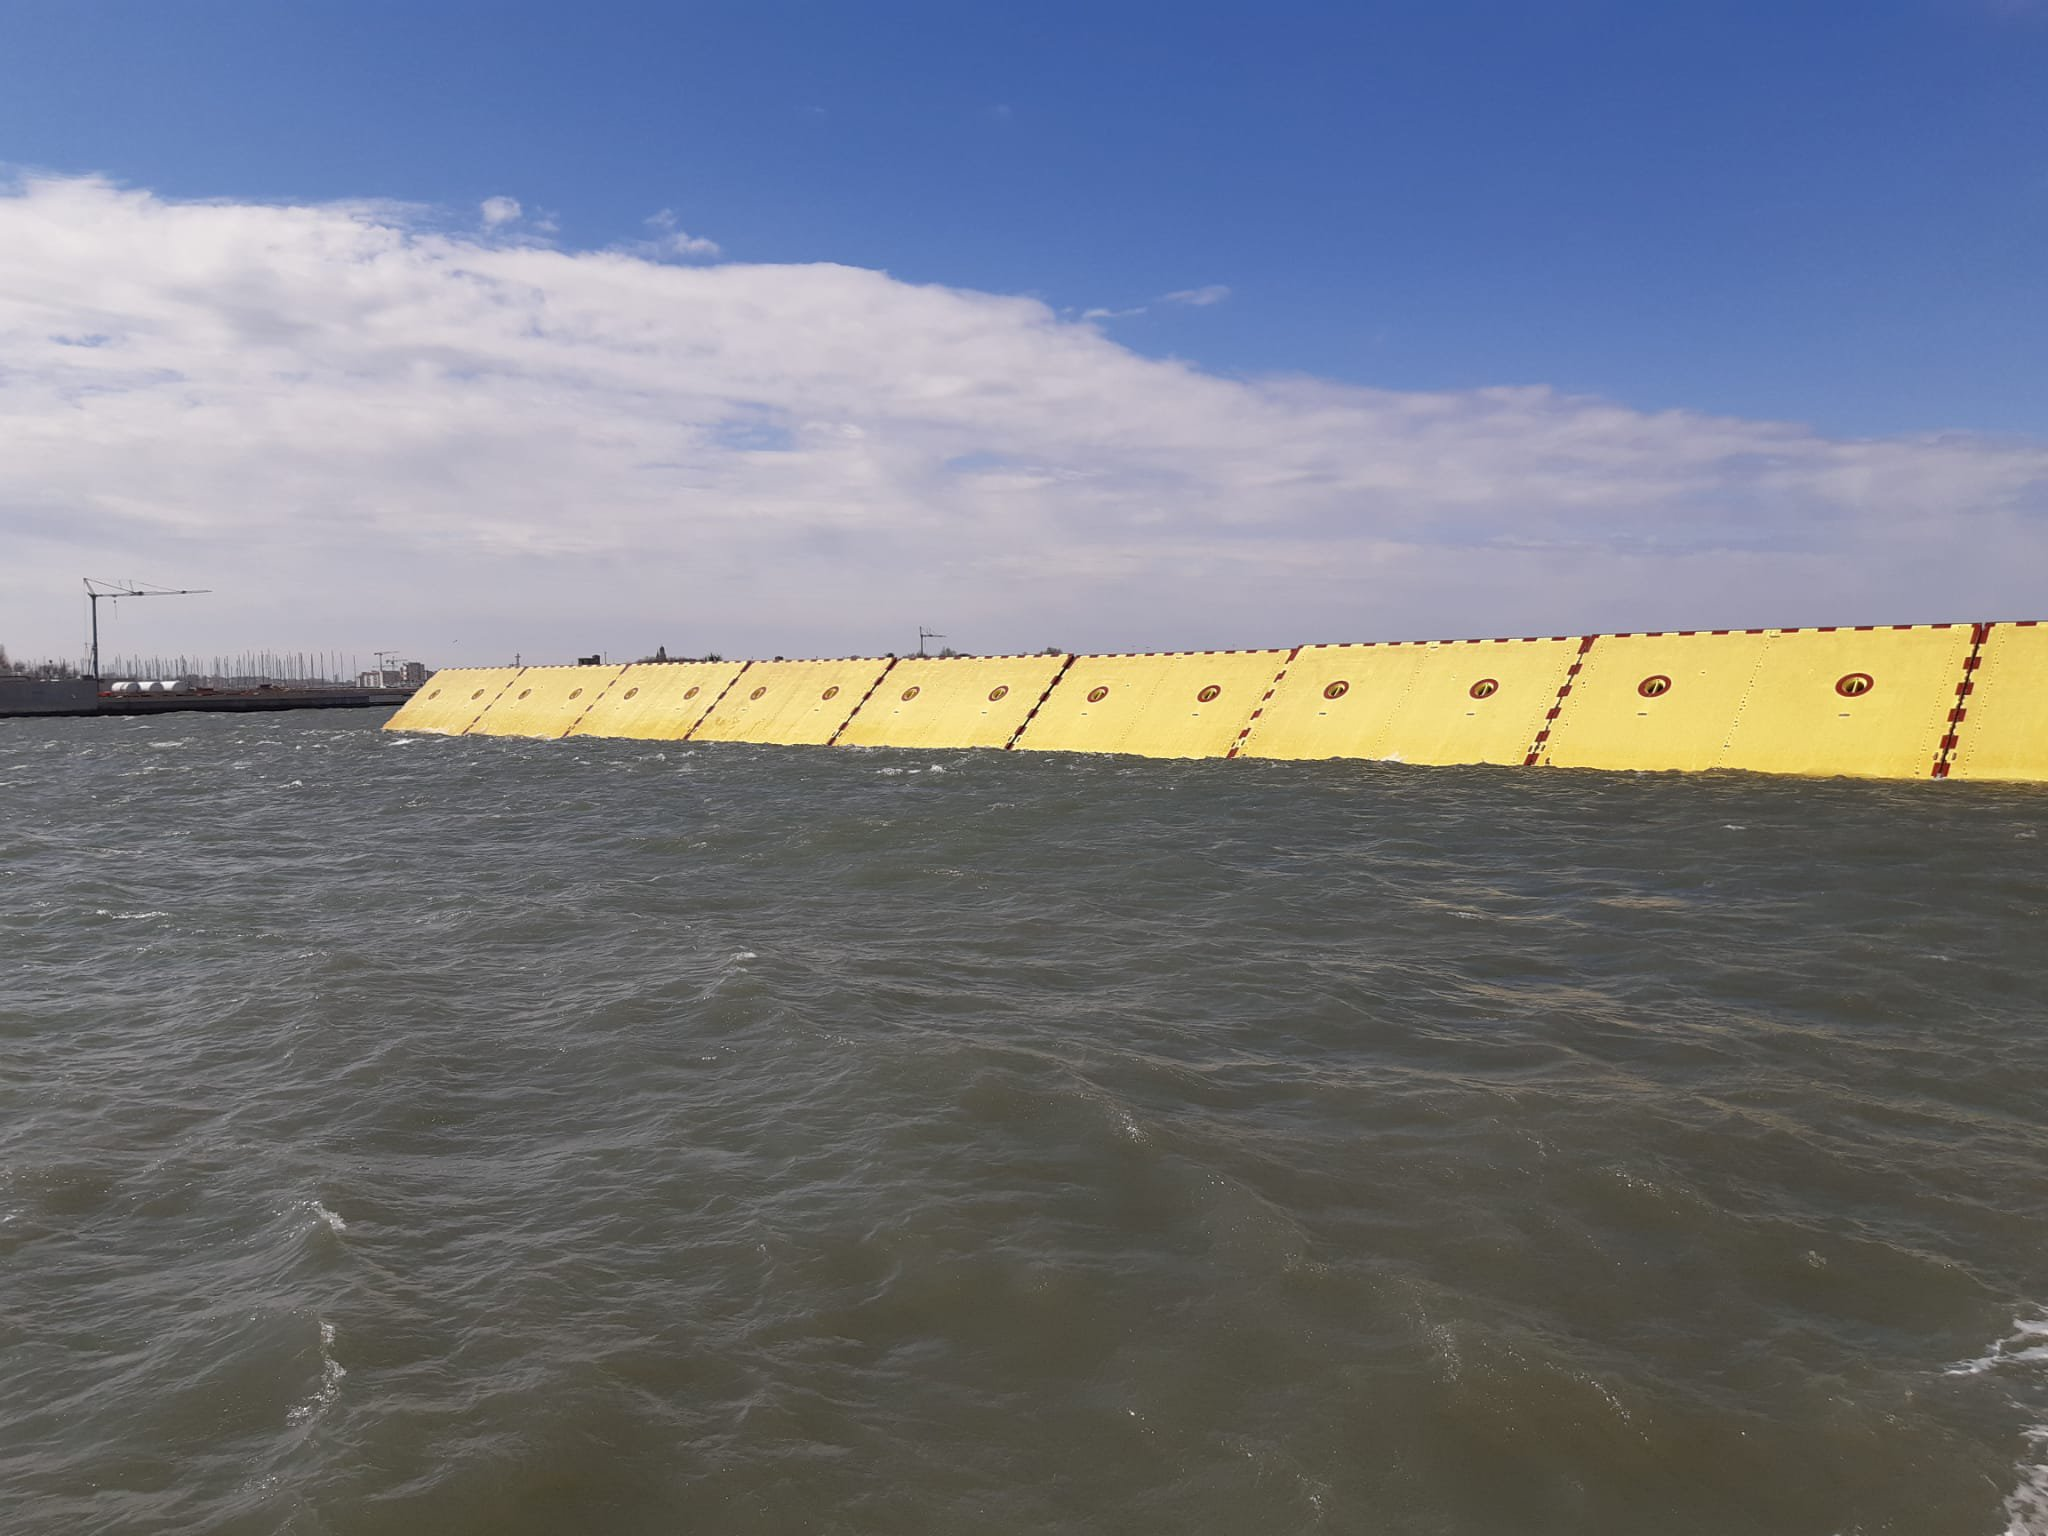 MOSE, al via il test per separare Venezia dall'Adriatico. La diretta video